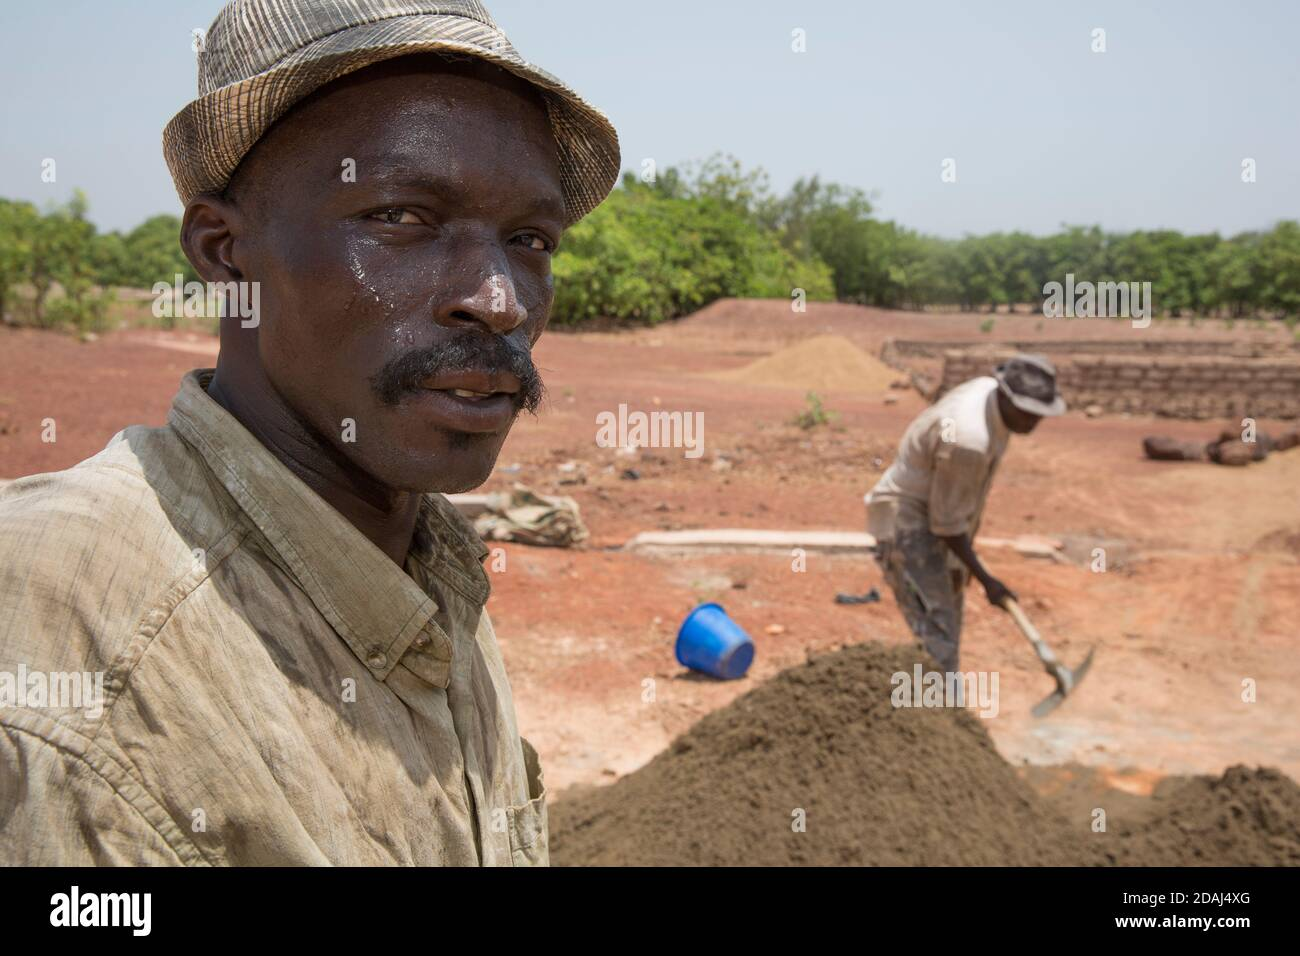 Selingue (Mali), le 25 avril 2015; Cement brackmakers Moise Diarrra (à gauche) et Abdoulaye Togola. Ils sont briqueteurs à temps plein, travaillant de 9 h à 12 h tous les jours. Banque D'Images